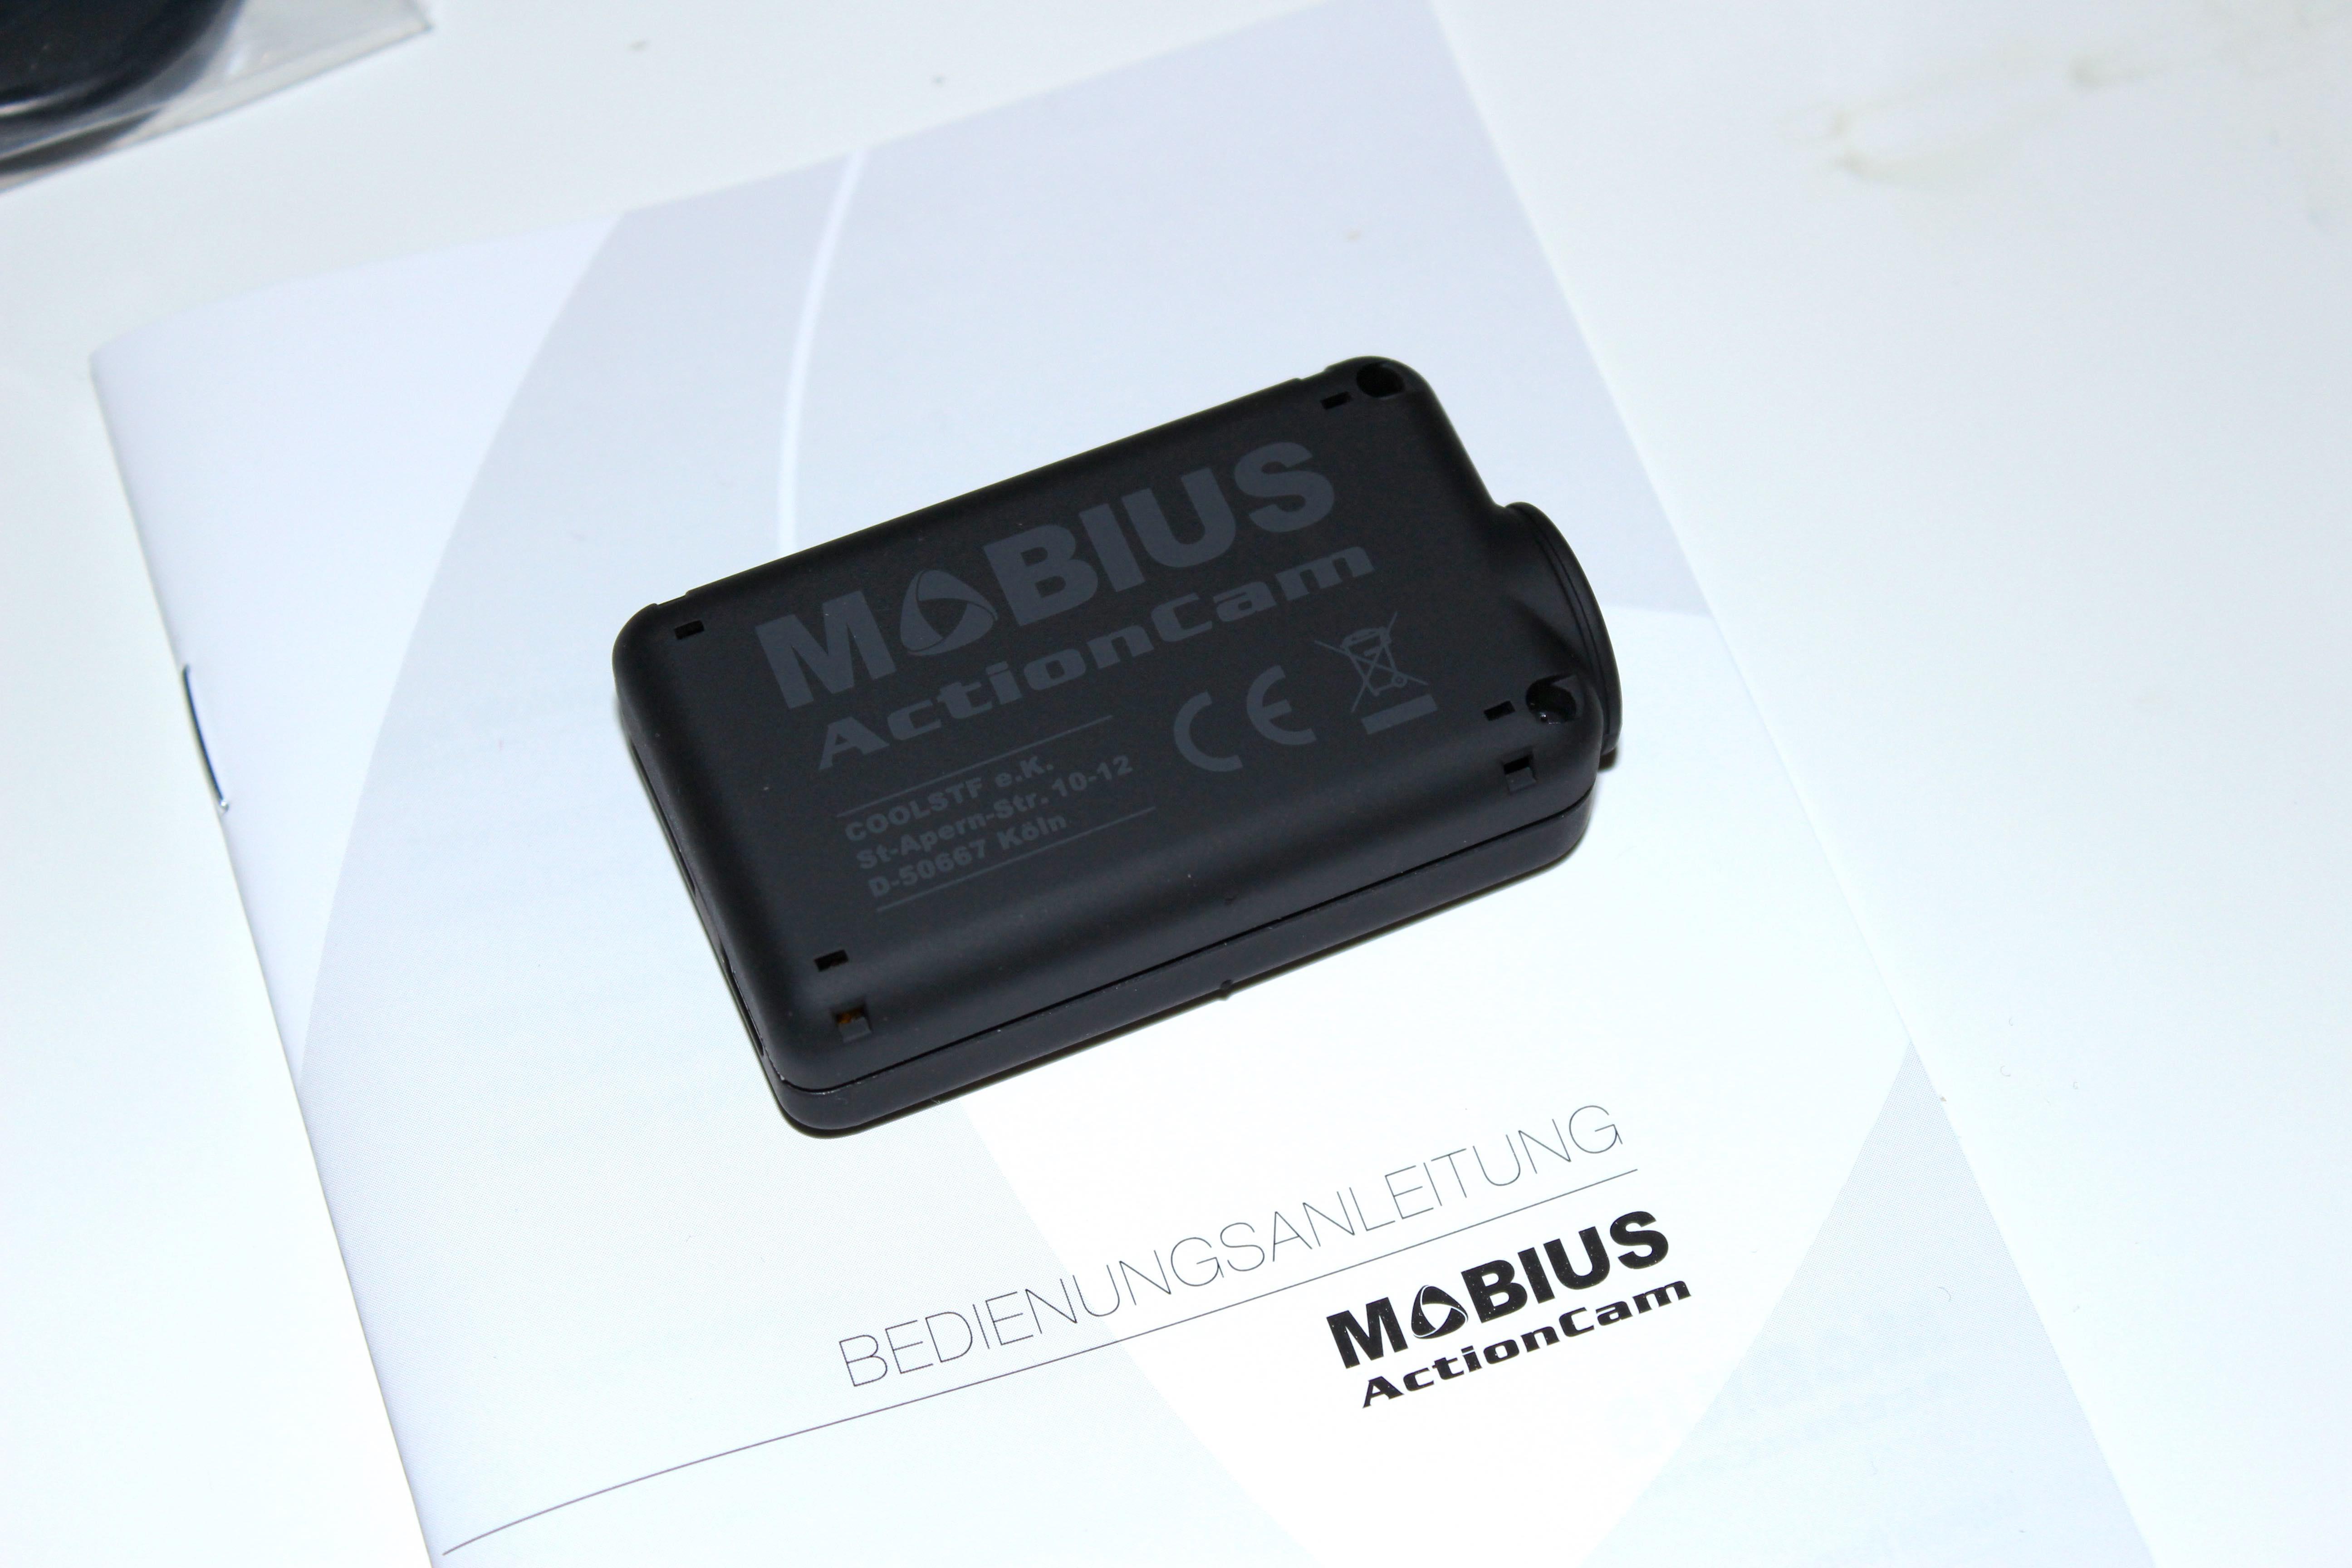 Mobius Action Cam V3